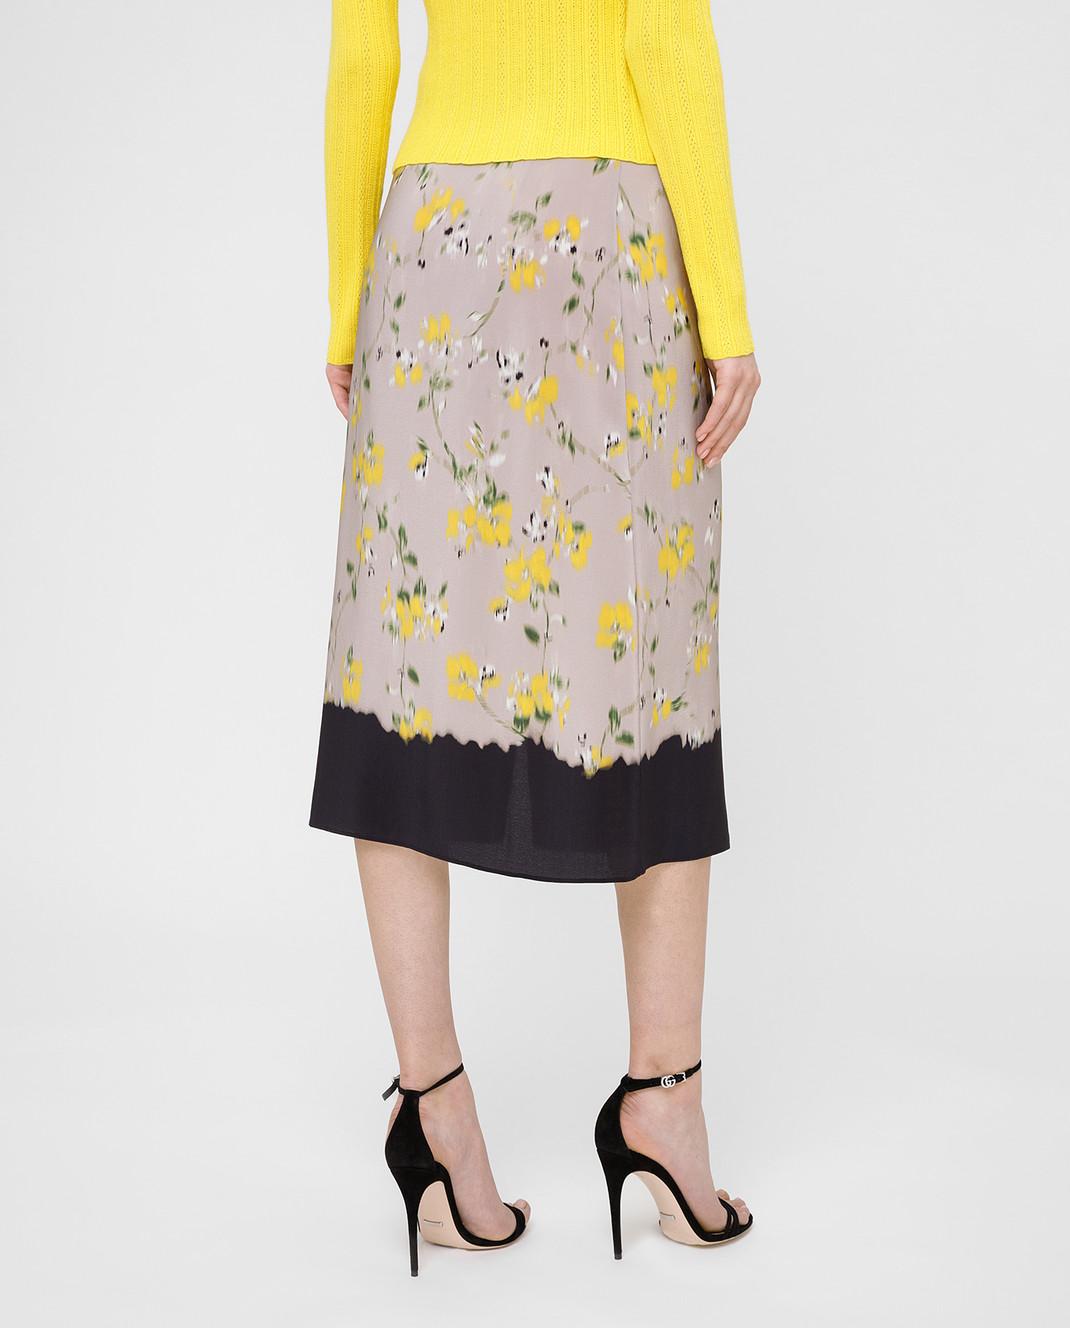 Altuzarra Серая юбка из шелка изображение 4